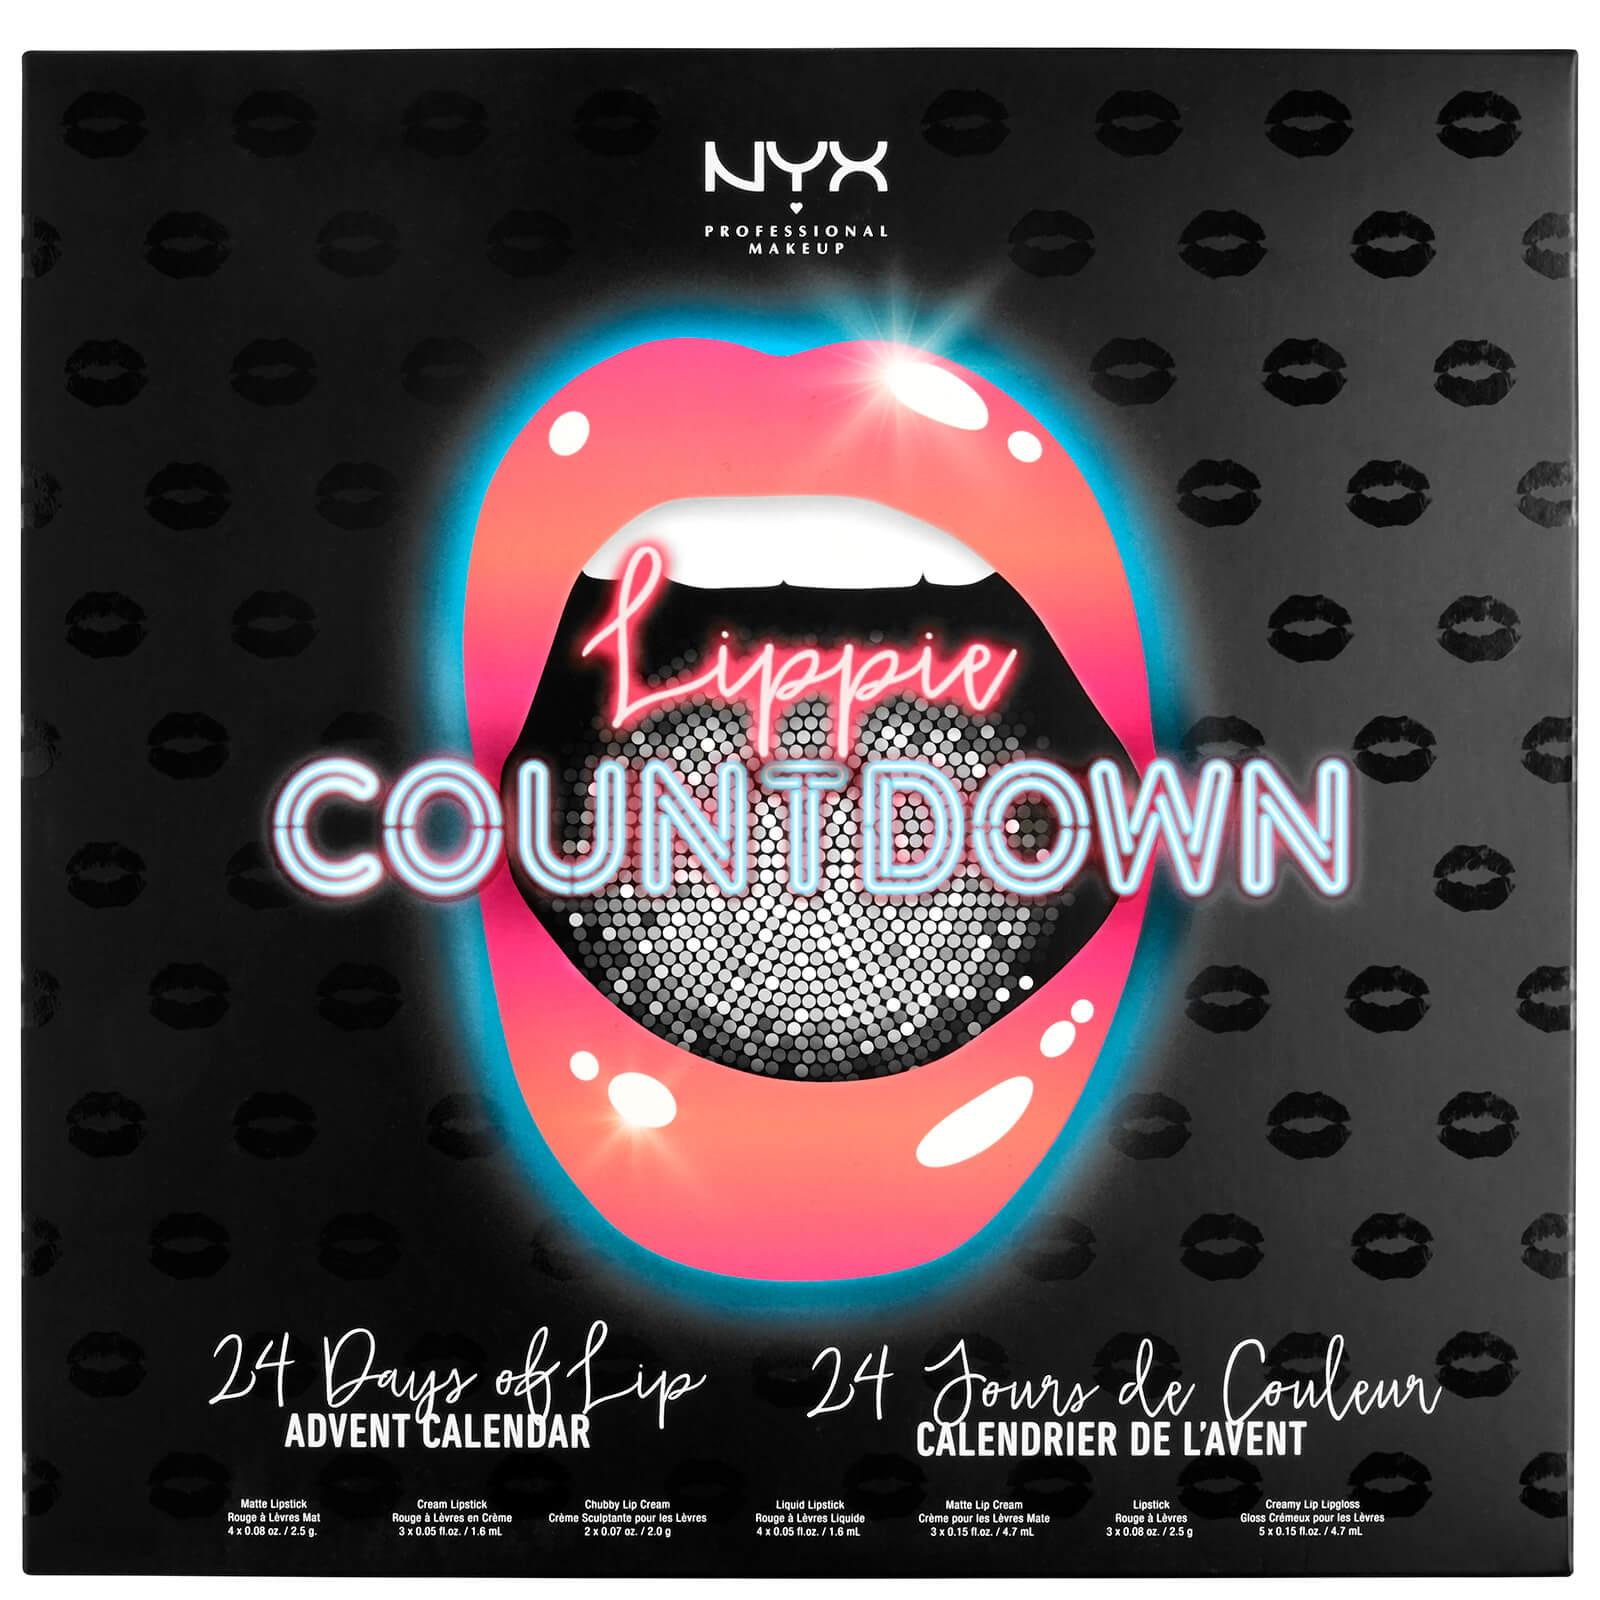 Nyx Calendario Avvento.Calendario Dell Avvento Nyx Professional Makeup Kiss Tell